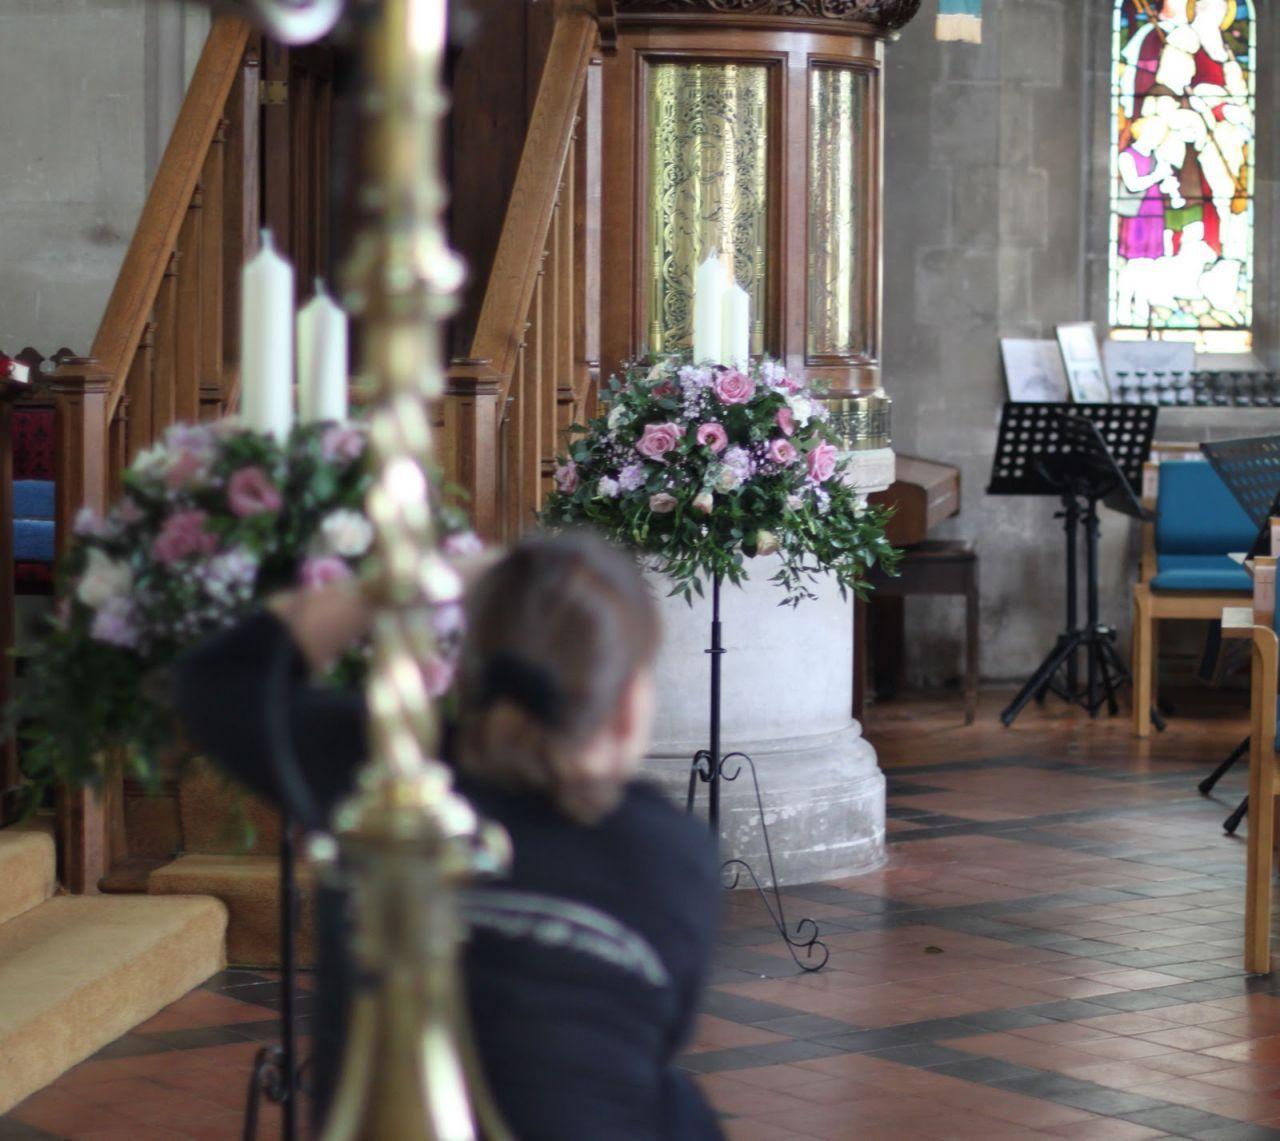 Wedding Altar Pieces: Church Wedding Decorations - Altar Flowers Spray